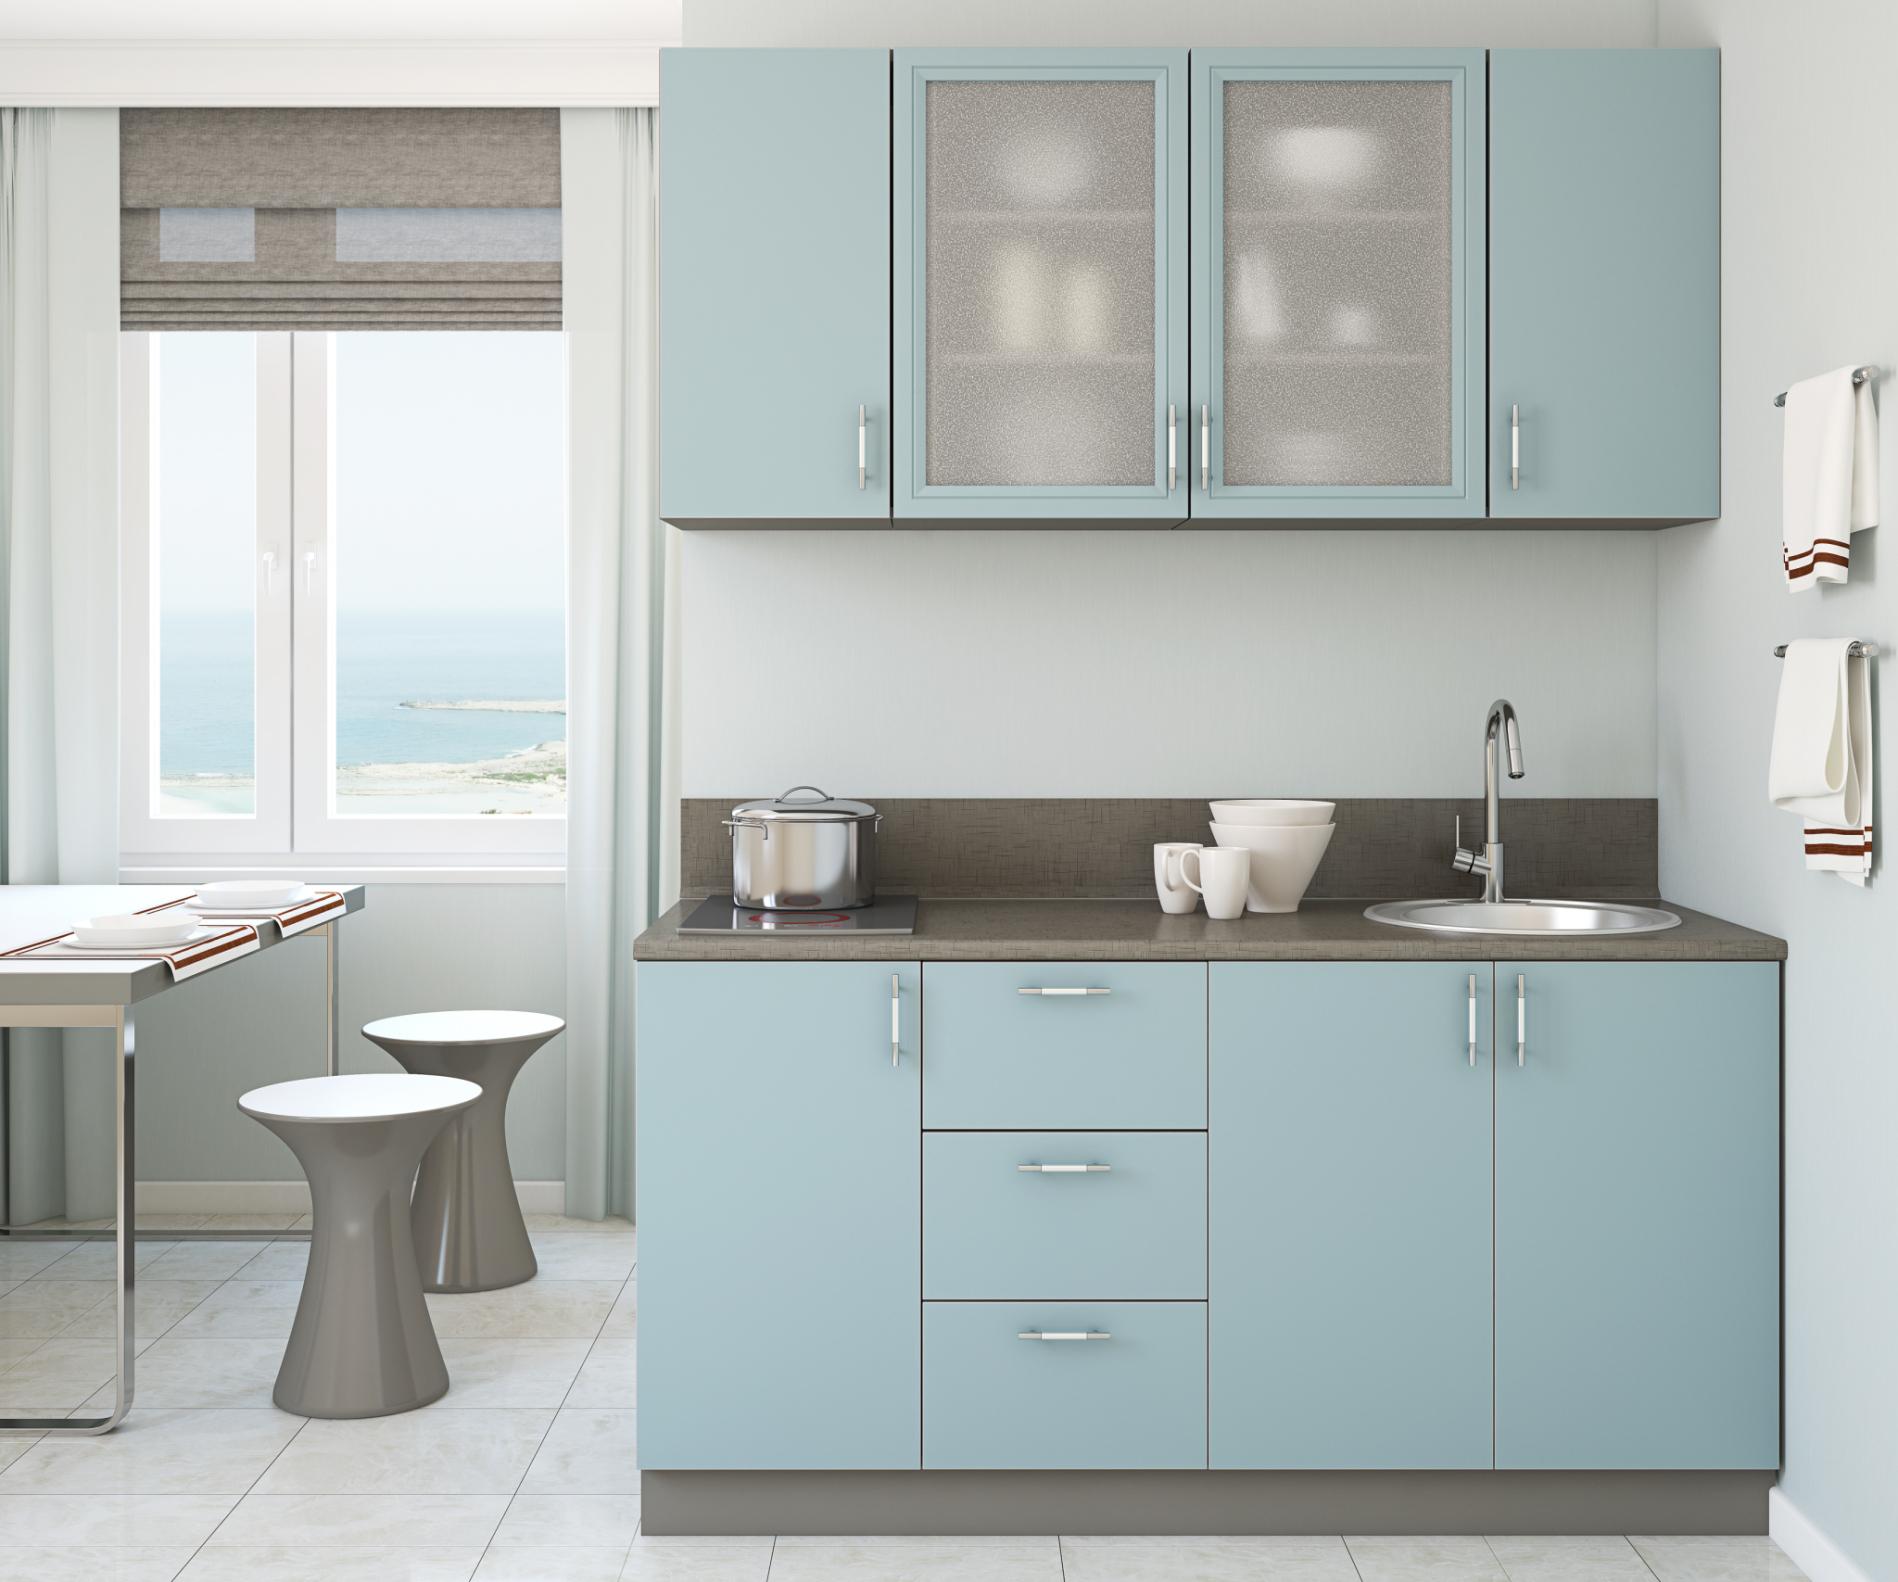 Full Size of Kleine Küche Einbauküche Kleine Einbauküche Ohne Geräte Kleine Einbauküche Mit Waschmaschine Kleine Einbauküche Planen Küche Kleine Einbauküche